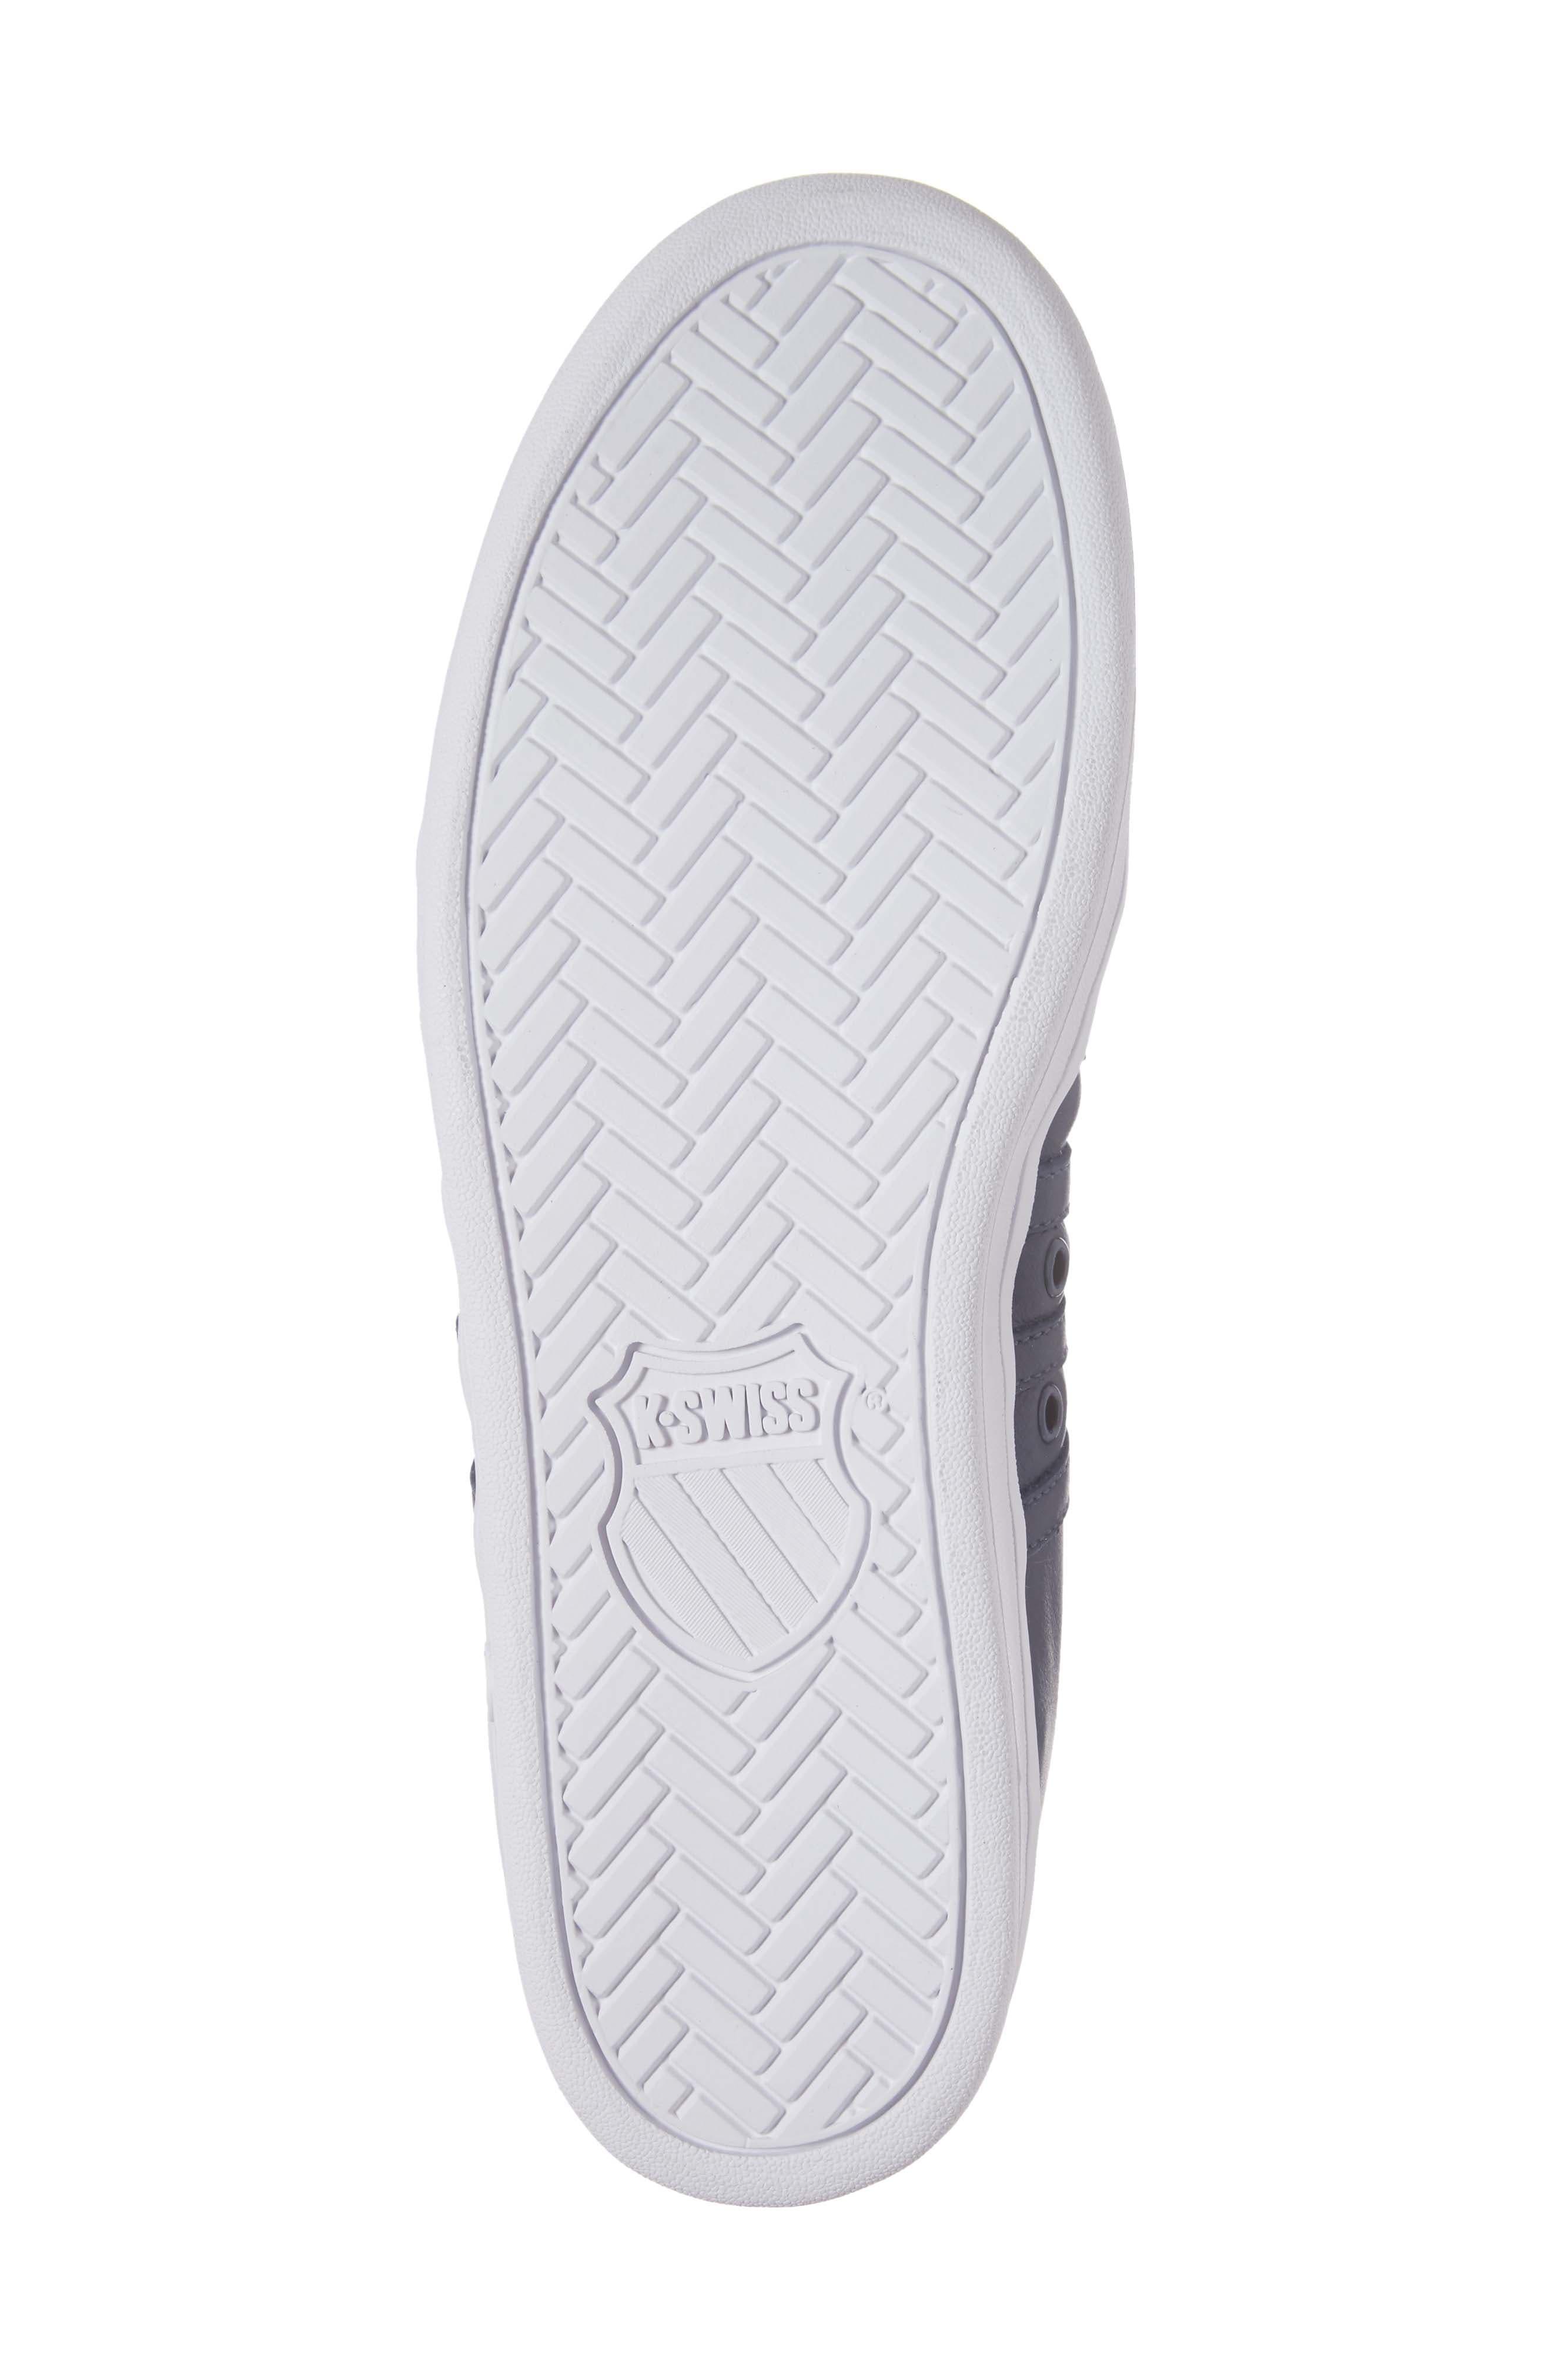 Classic '88 Sneaker,                             Alternate thumbnail 6, color,                             Dark Denim/ White